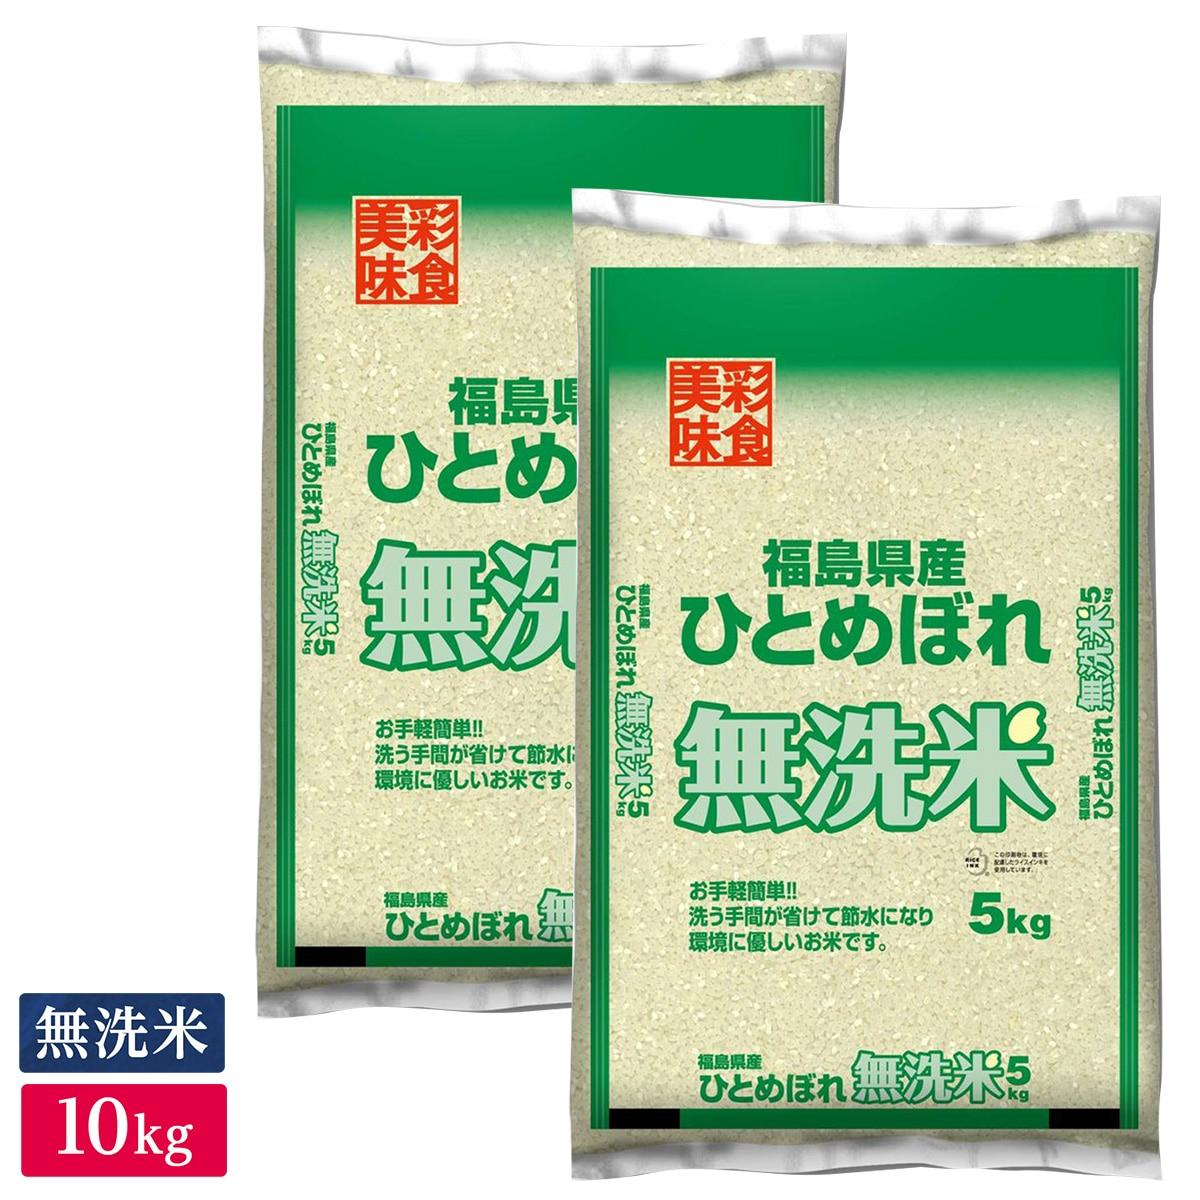 むらせライス ■【精米】【無洗米】令和元年産 福島ひとめぼれ 10kg(5kg×2) 21964